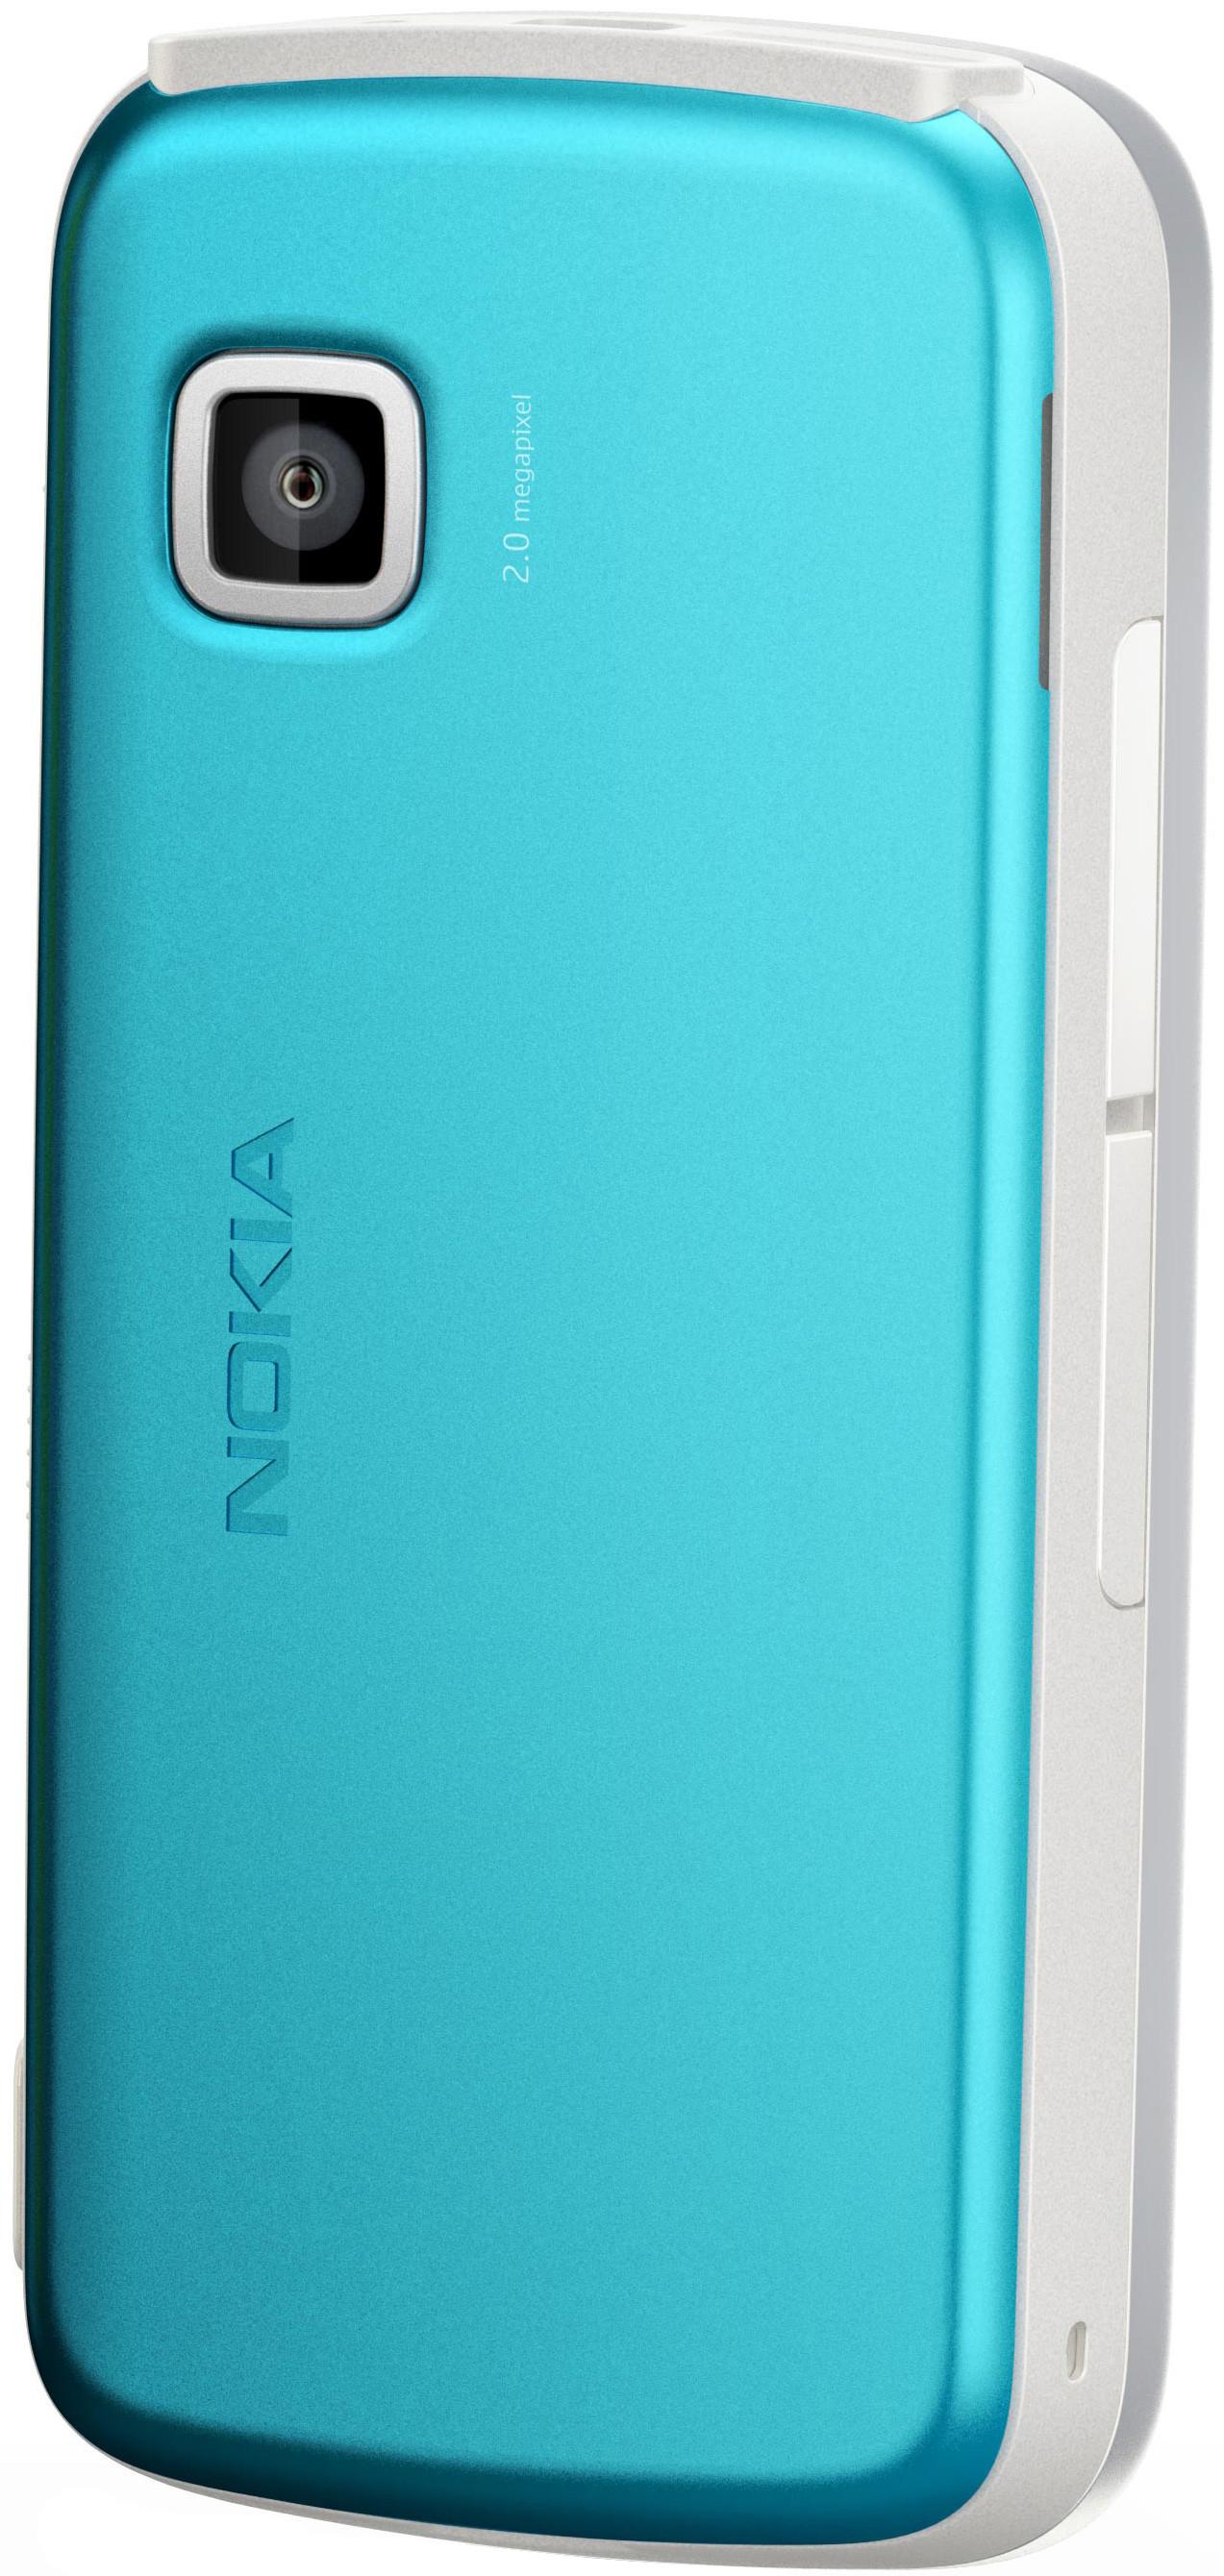 Nokia 5230 White Blue